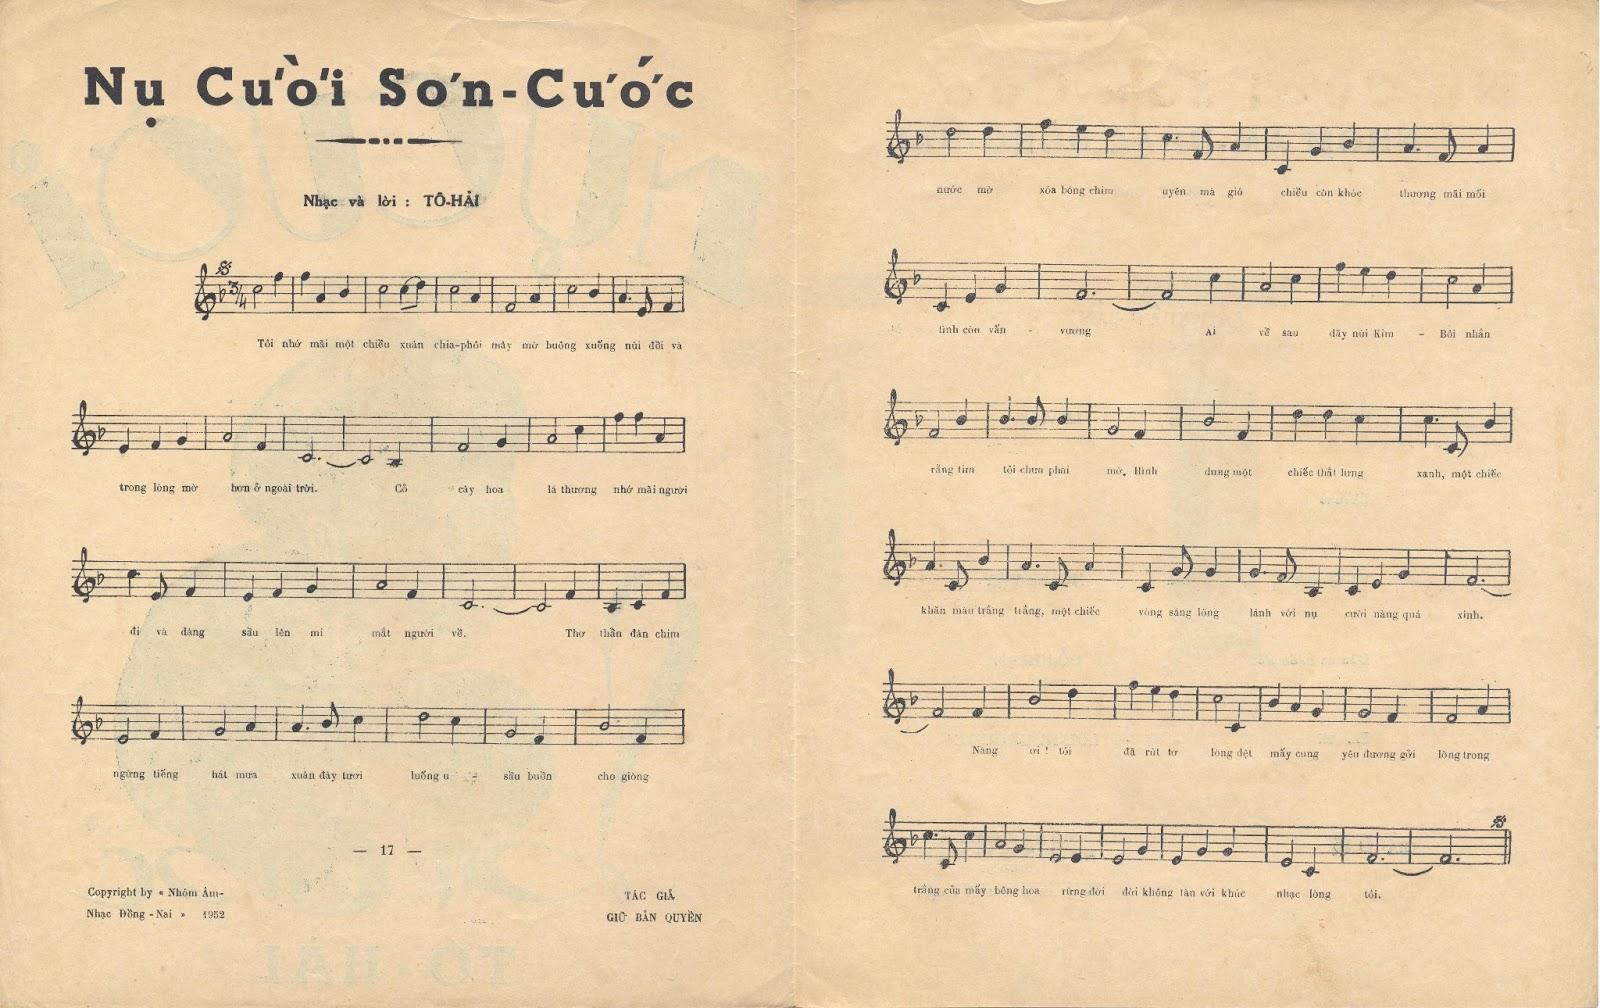 Sheet nhạc bài hát nụ cười sơn cước 2